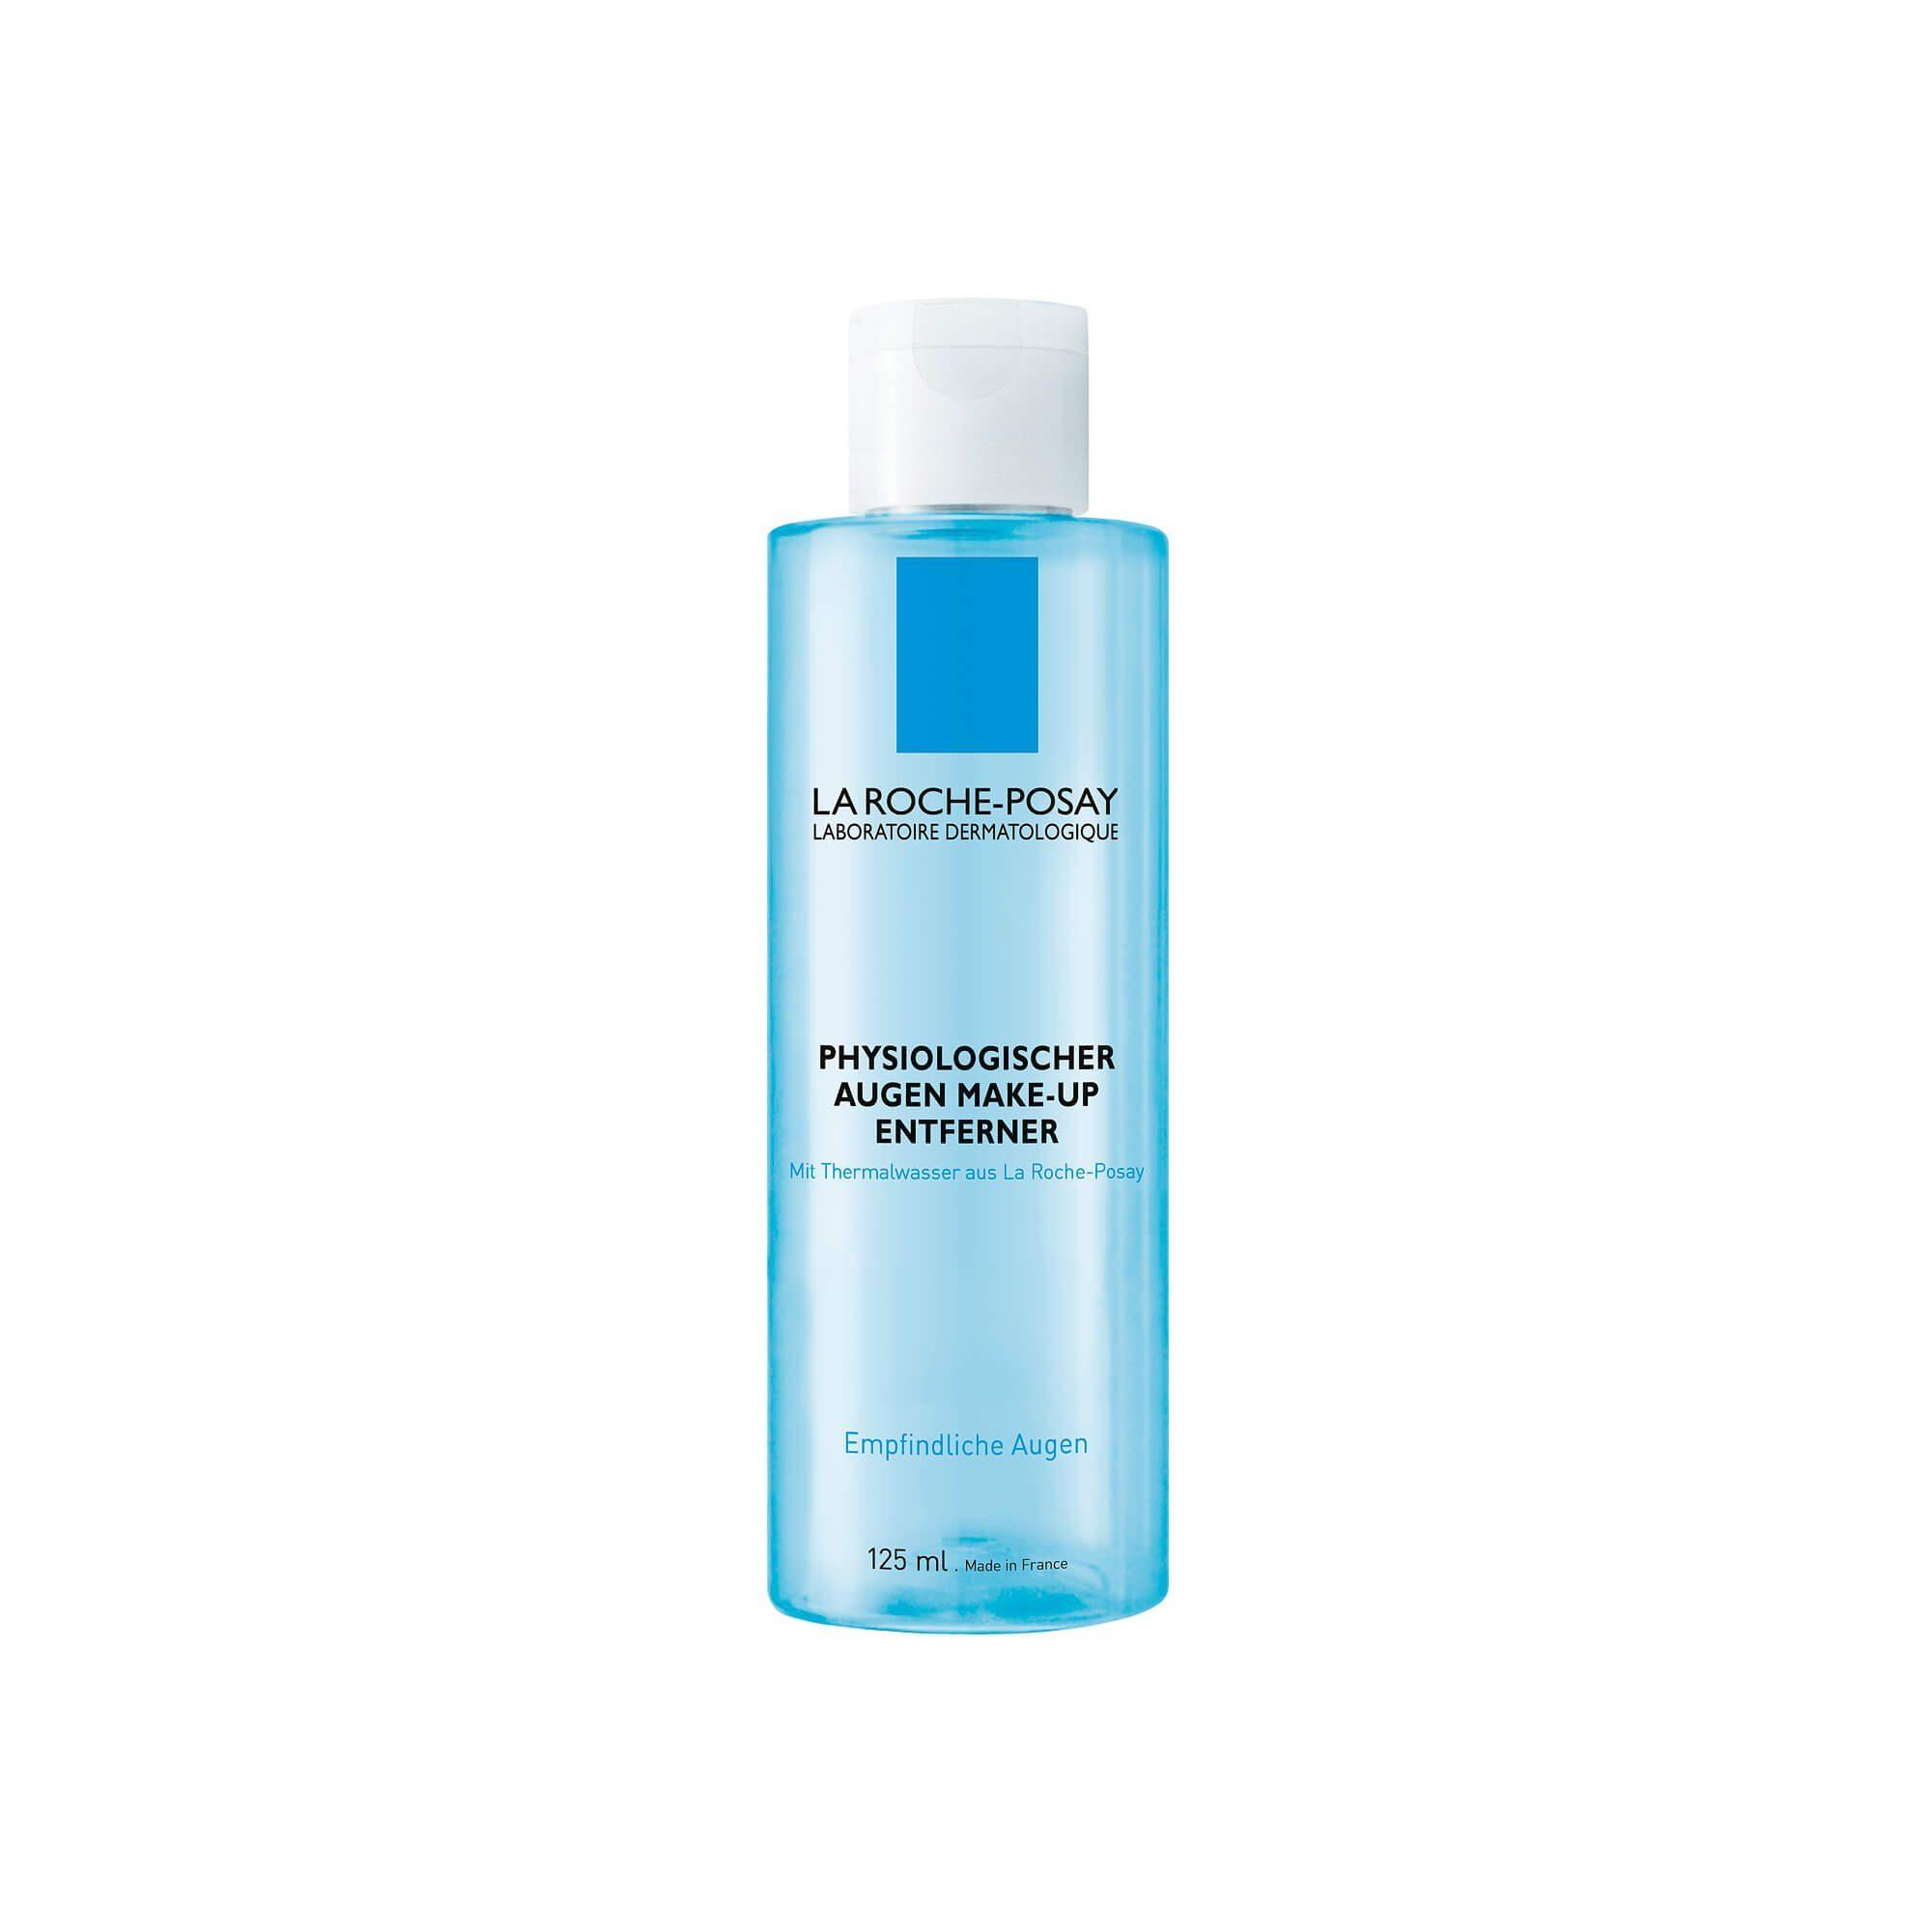 Roche Posay Make-up Entferner, 125 ml